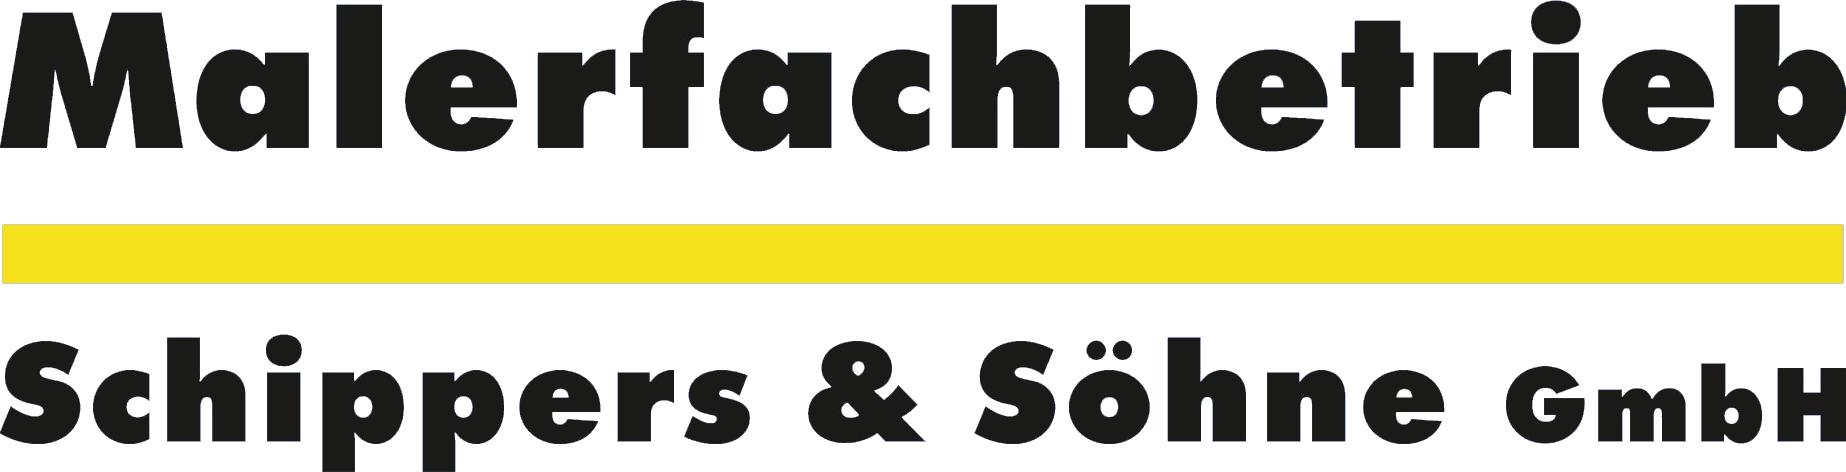 Malerfachbetrieb Schippers & Söhne GmbH